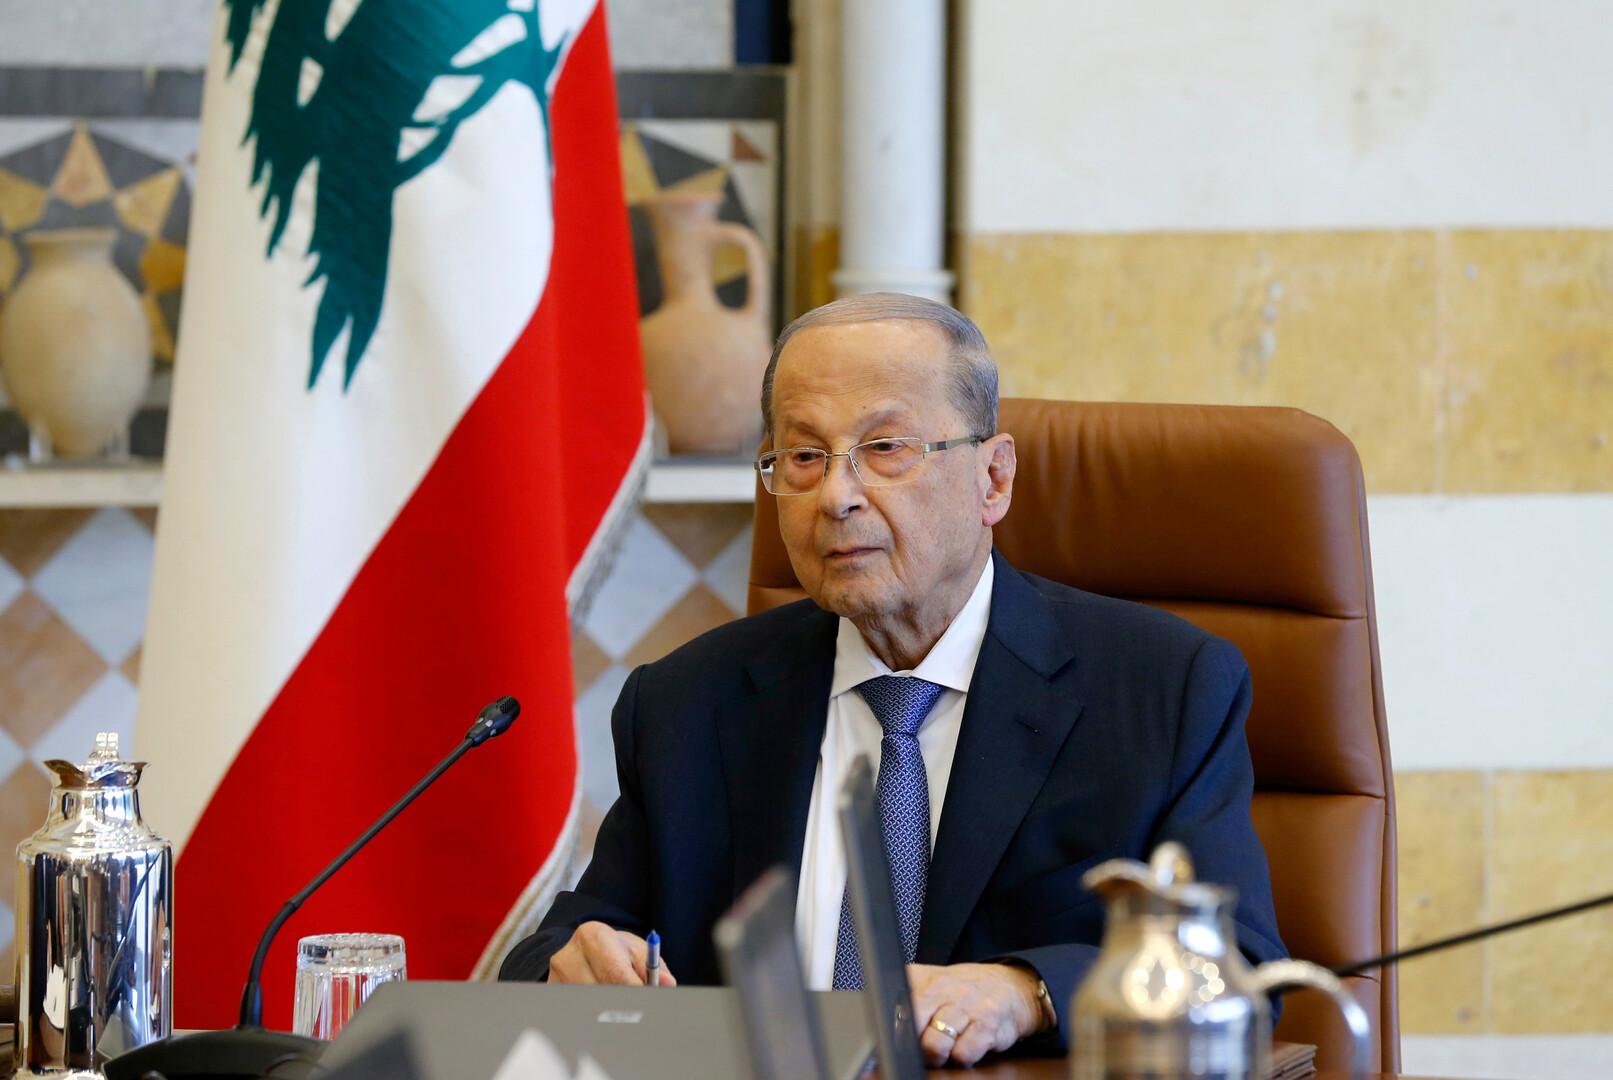 الرئاسة اللبنانية: ما يتم تداوله عن صحة الرئيس ميشيل عون غير صحيح